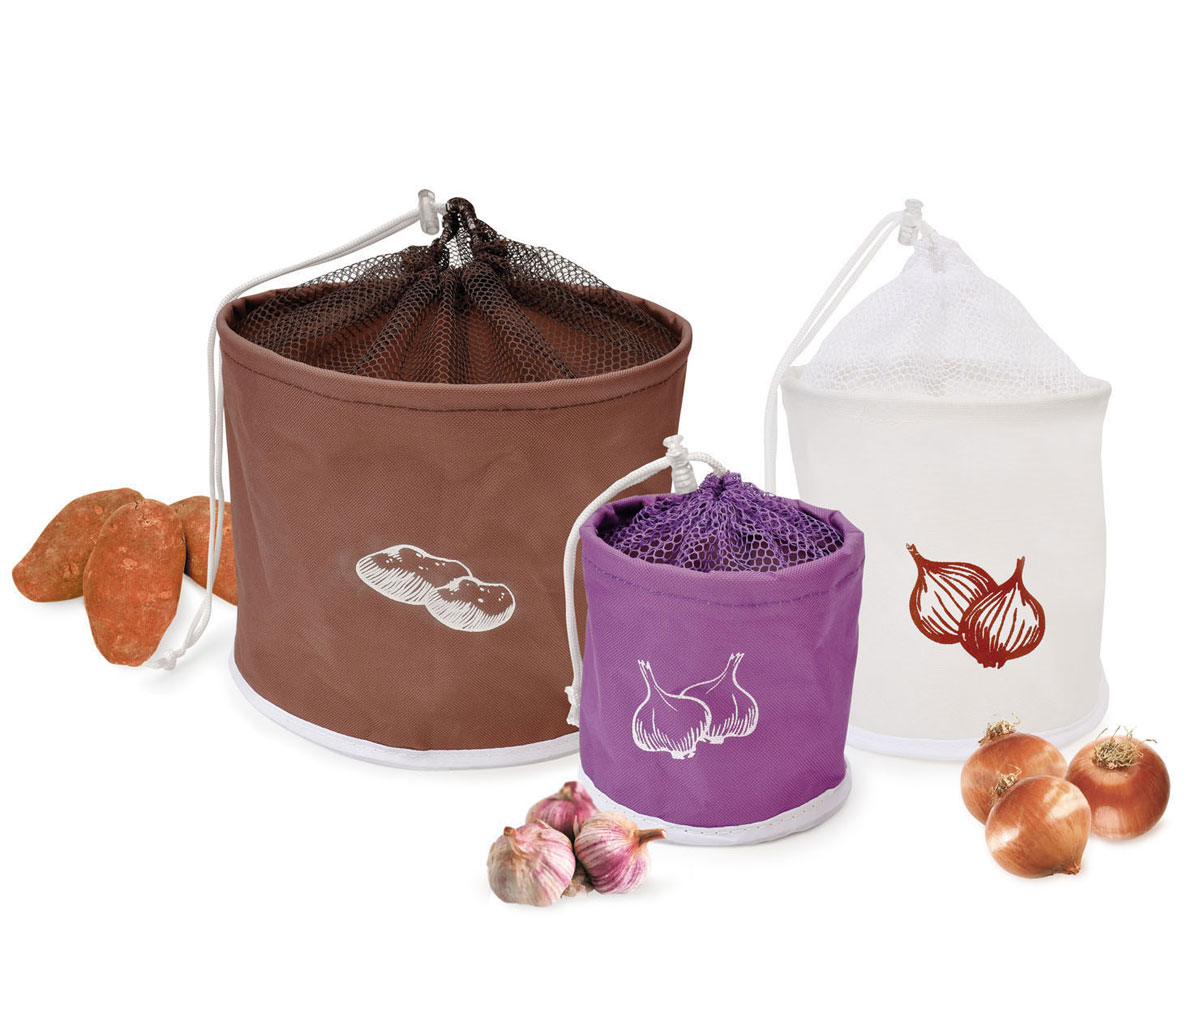 Набор сумок для хранения продуктов Iris, 3 штDFC03840-02252 5/SНабор Iris состоит из трех сумок разного размера и цвета, предназначенных для хранения картофеля, лука и чеснока. Изделия выполнены из плотного полиэстера, сверху оснащены сеткой на кулиске. Благодаря сетке происходит естественная вентиляция продуктов, что предотвращает их гниение. Внутренний слой предотвращает цветение и образование плесени на плодах. Сумки удобны в использовании. Оригинальные сумки станут незаменимым украшением интерьера на кухне у хорошей хозяйки. Диаметр сумок: 12 см, 19 см, 25 см. Высота сумок: 12 см, 18,5 см, 20,5 см.